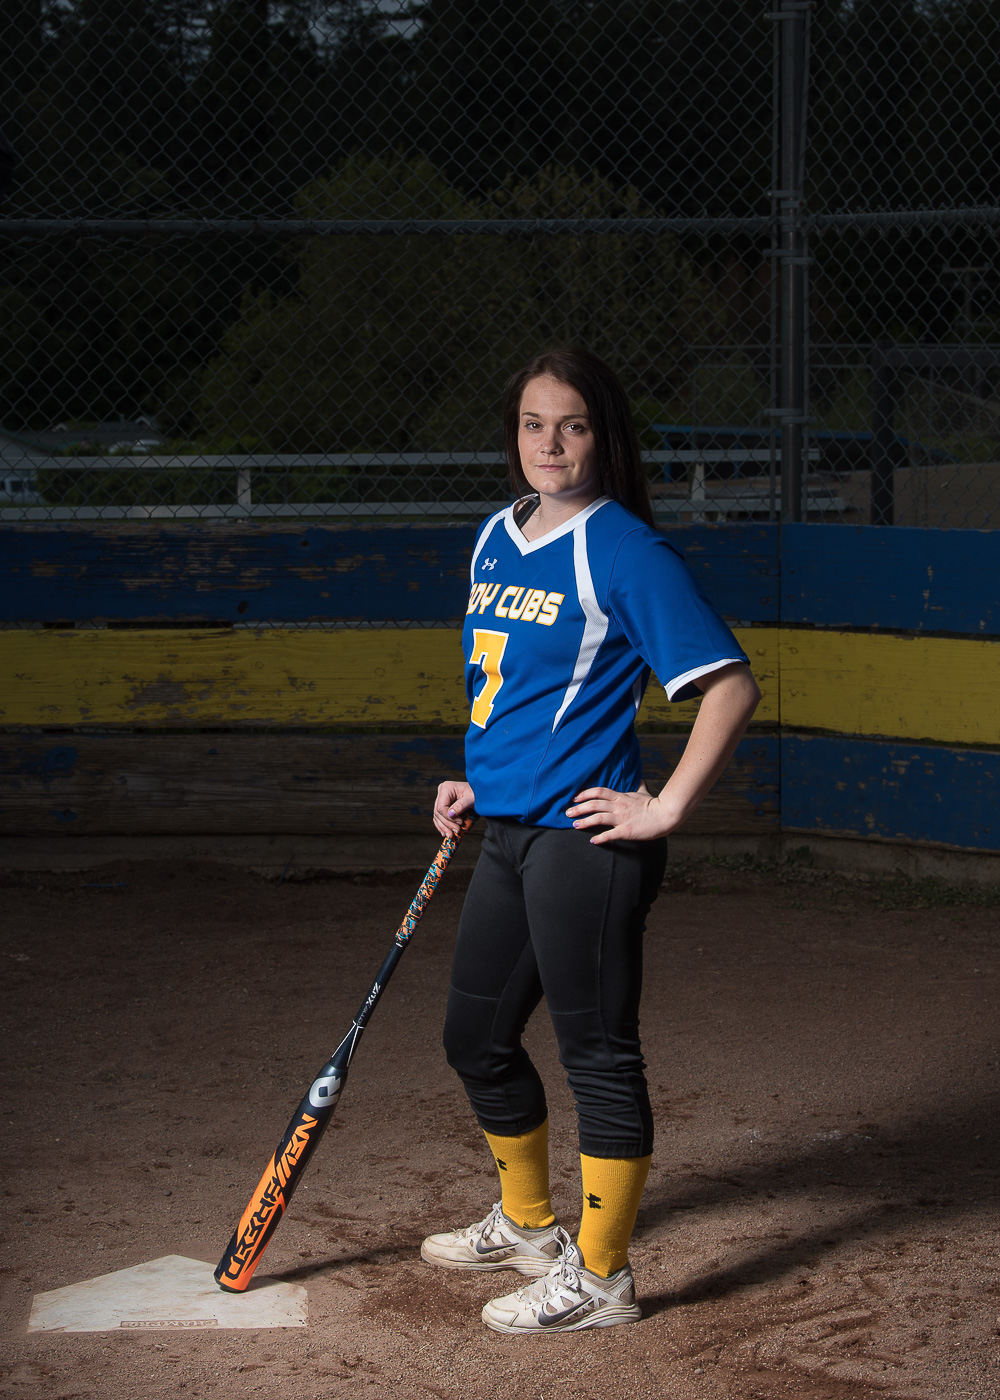 SouthForkHighSchool-Parky'sPics-Sports-SeniorPhotos-HumboldtCounty-3.JPG